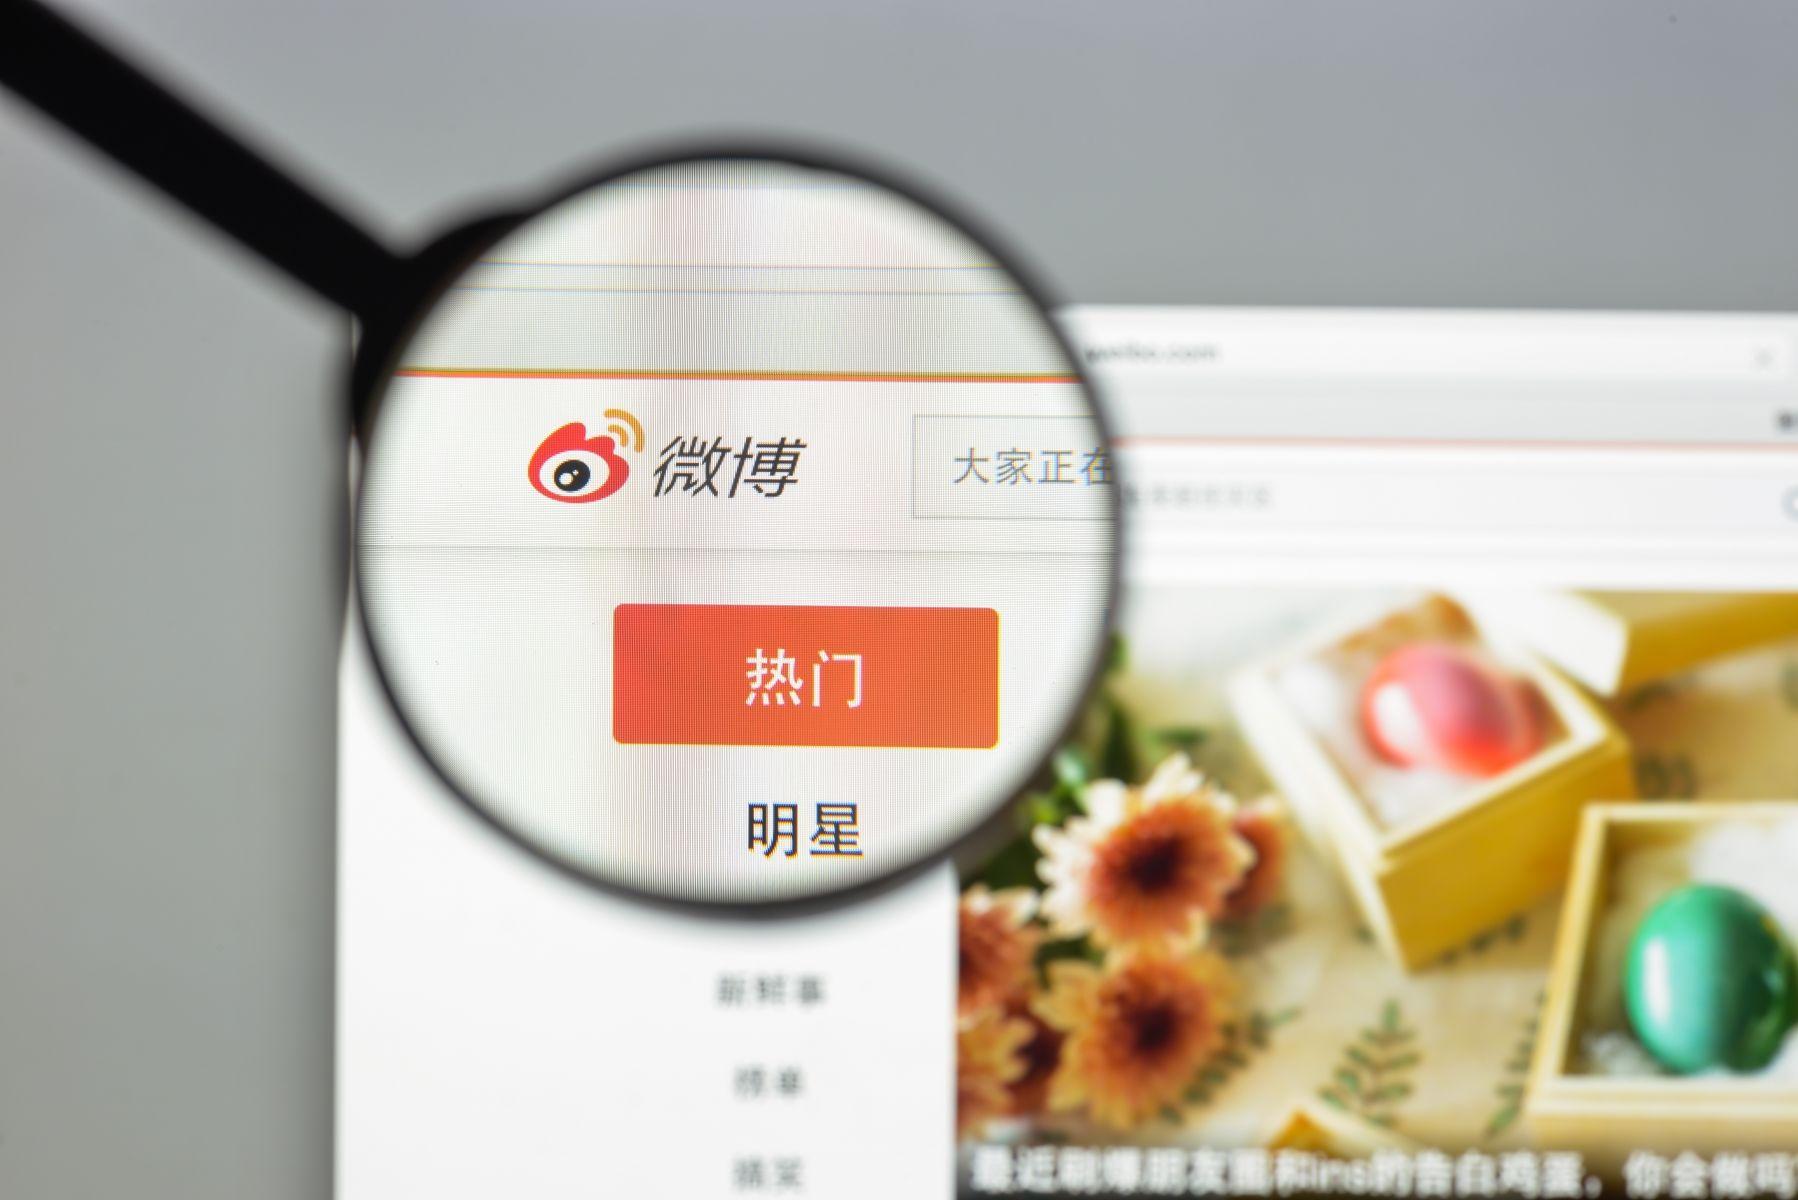 美大使館微博嗆中國:對互聯網的壓制舉世聞名